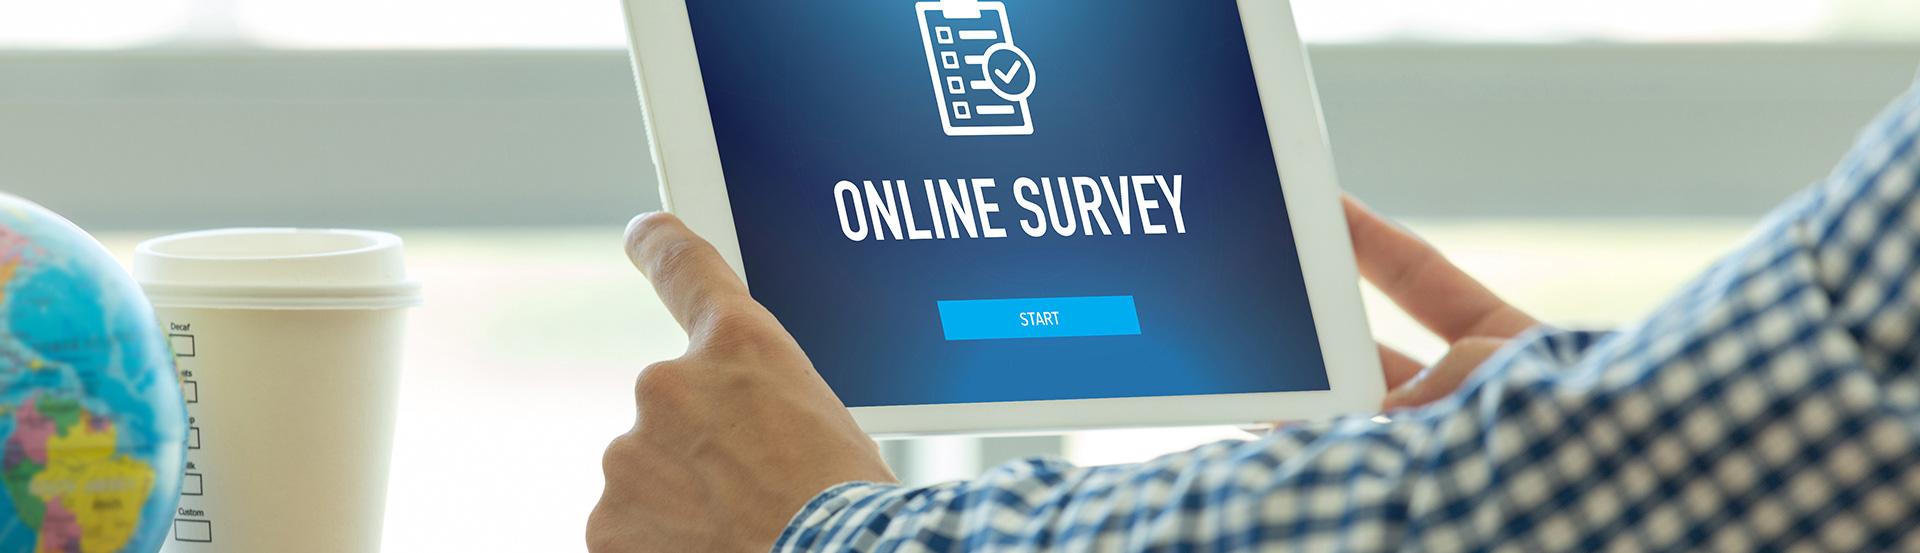 Etablir le planning d'une enquête en ligne